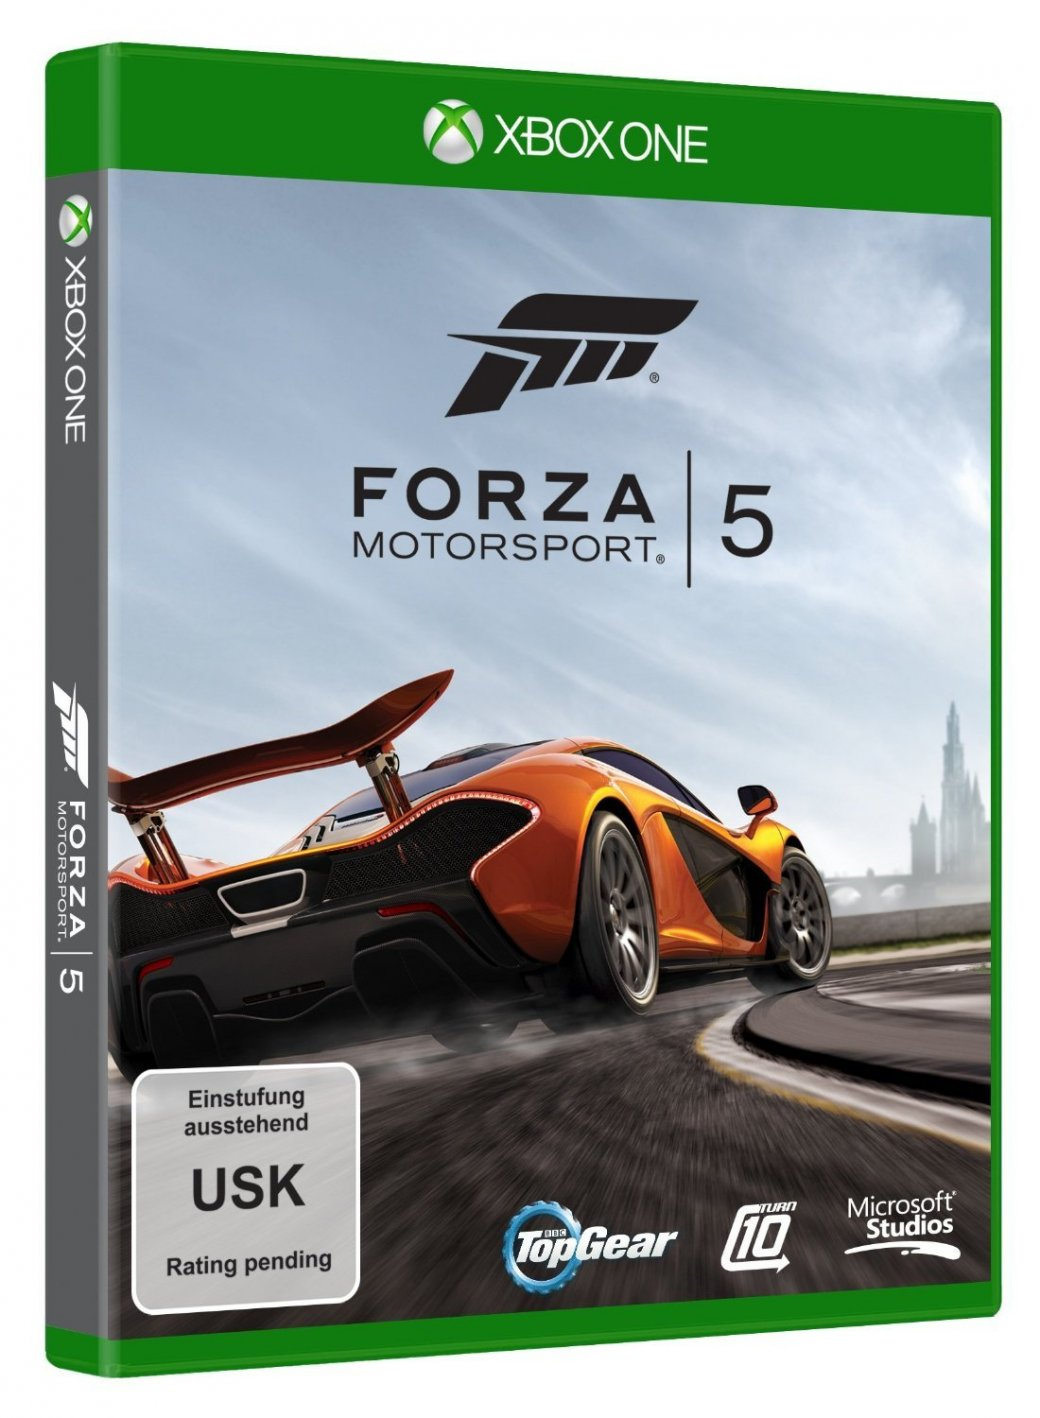 Опубликован дизайн дисков для Xbox One. - Изображение 1